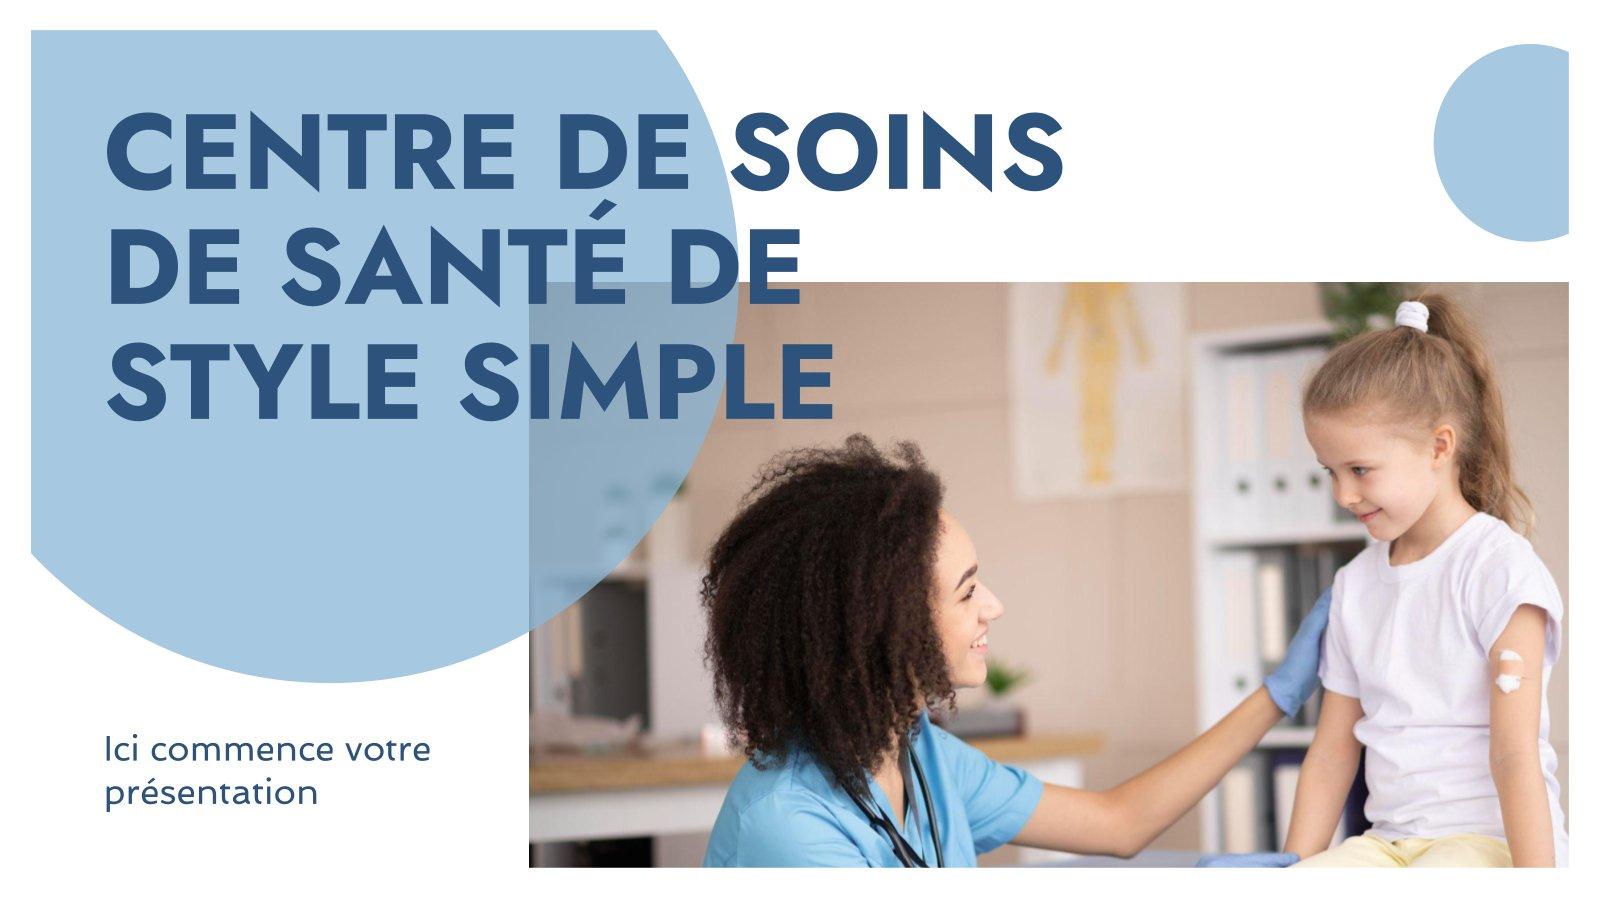 Centre de soins de santé de style simple : Modèles de présentation